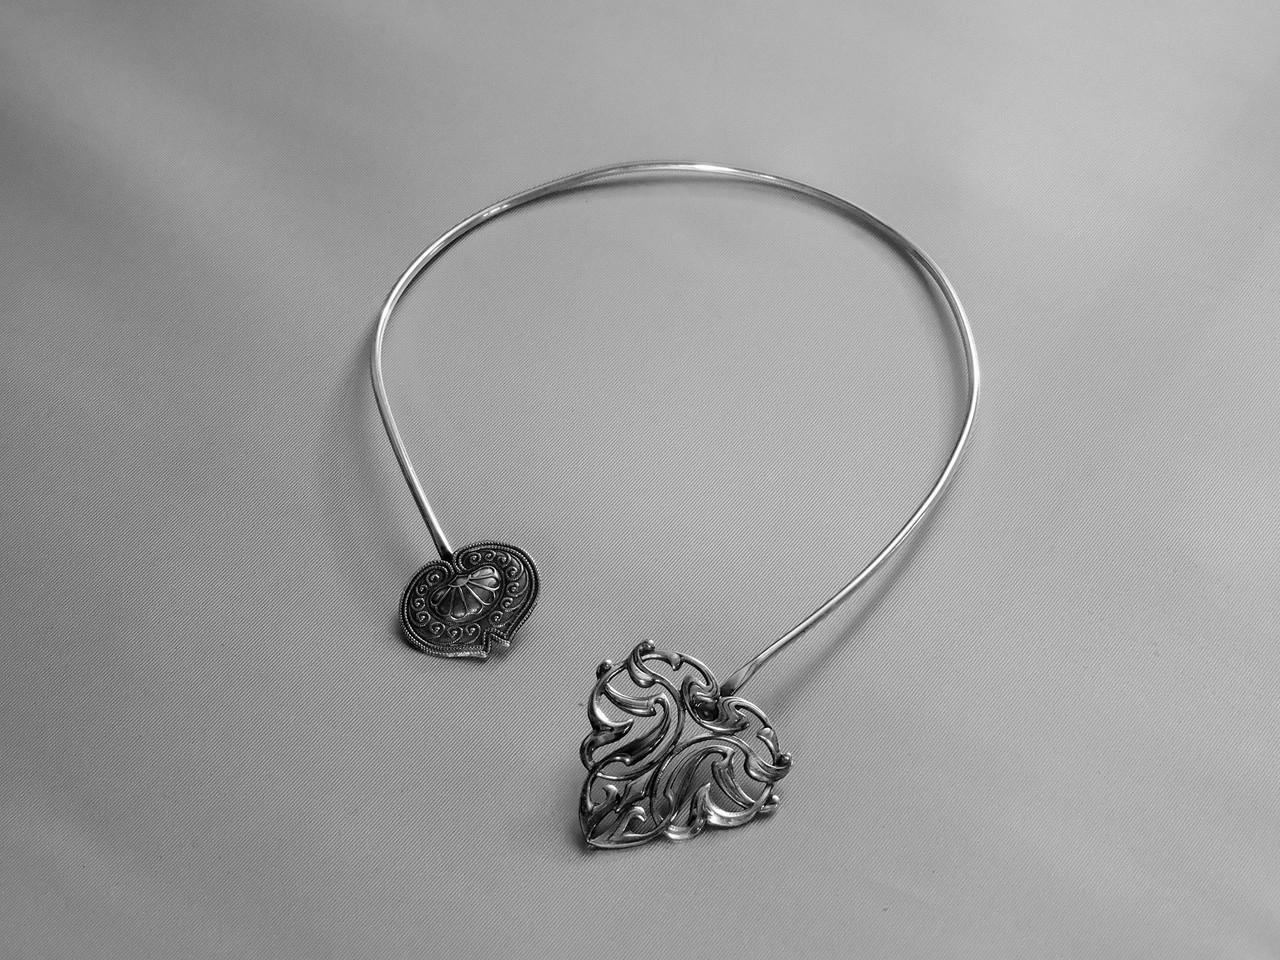 Fabulous Bijoux de style médiéval - Créations-Zambelli bijoux, accessoires  AX87